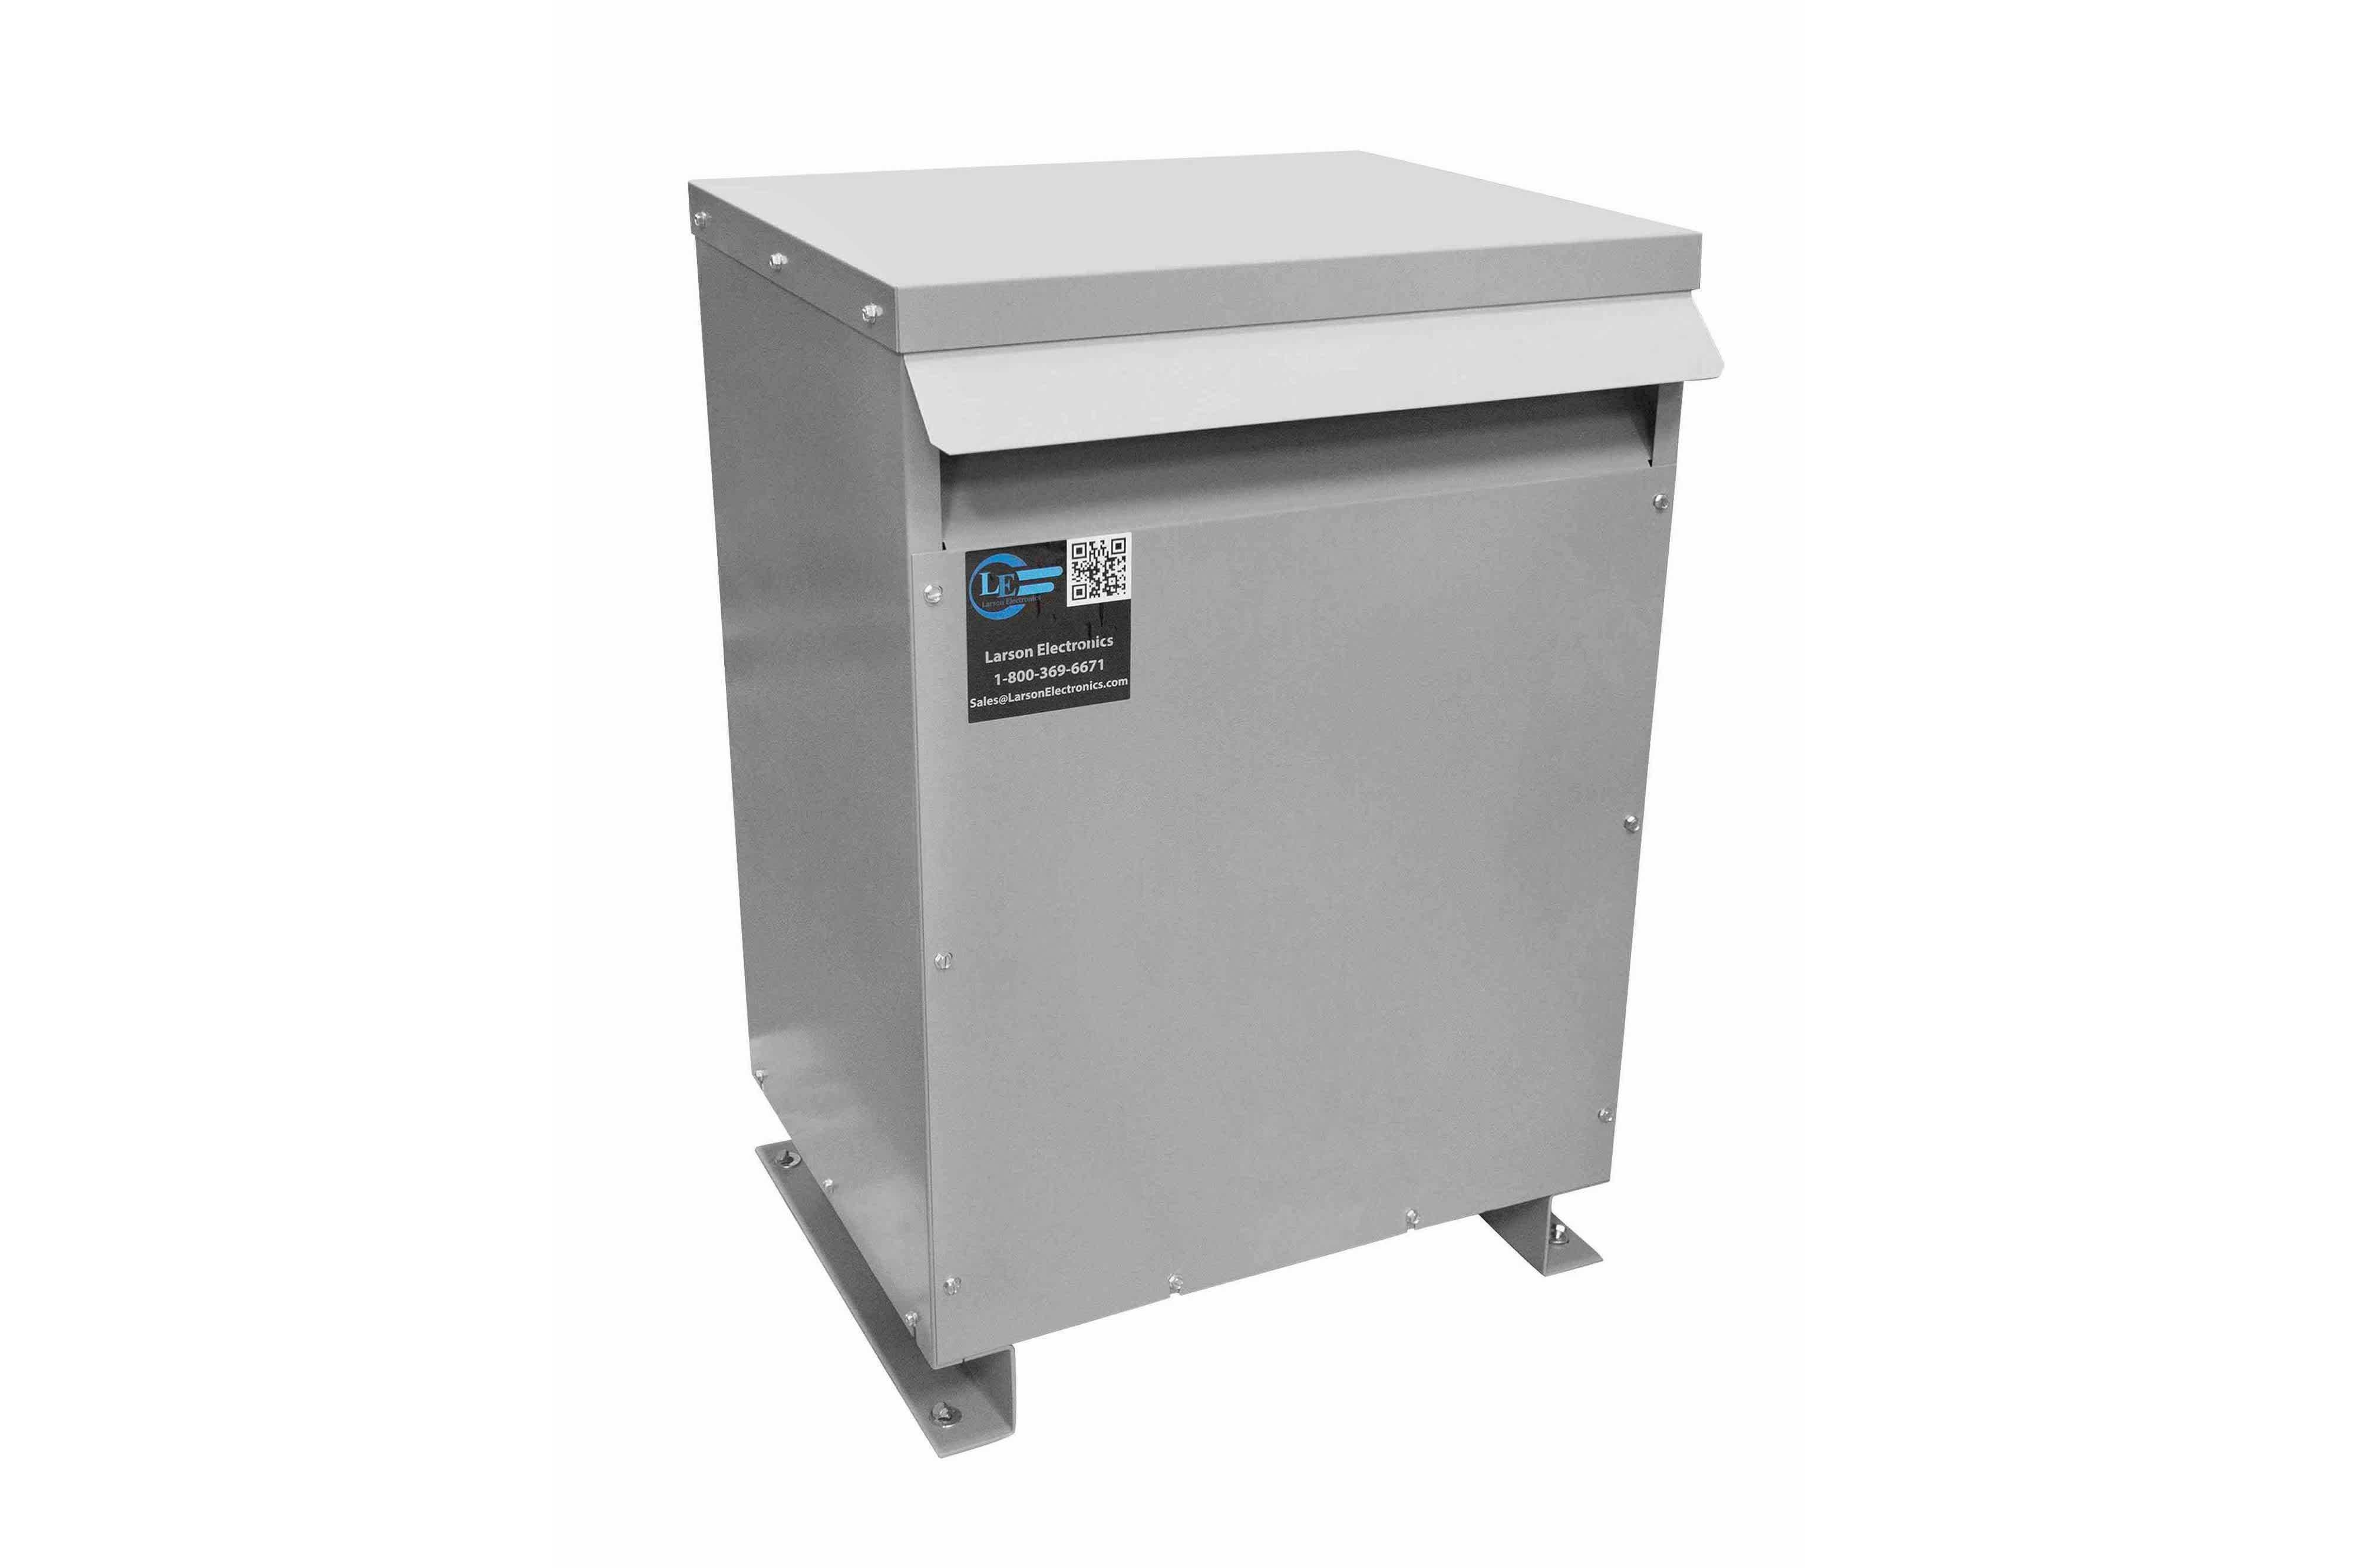 60 kVA 3PH Isolation Transformer, 400V Delta Primary, 208V Delta Secondary, N3R, Ventilated, 60 Hz